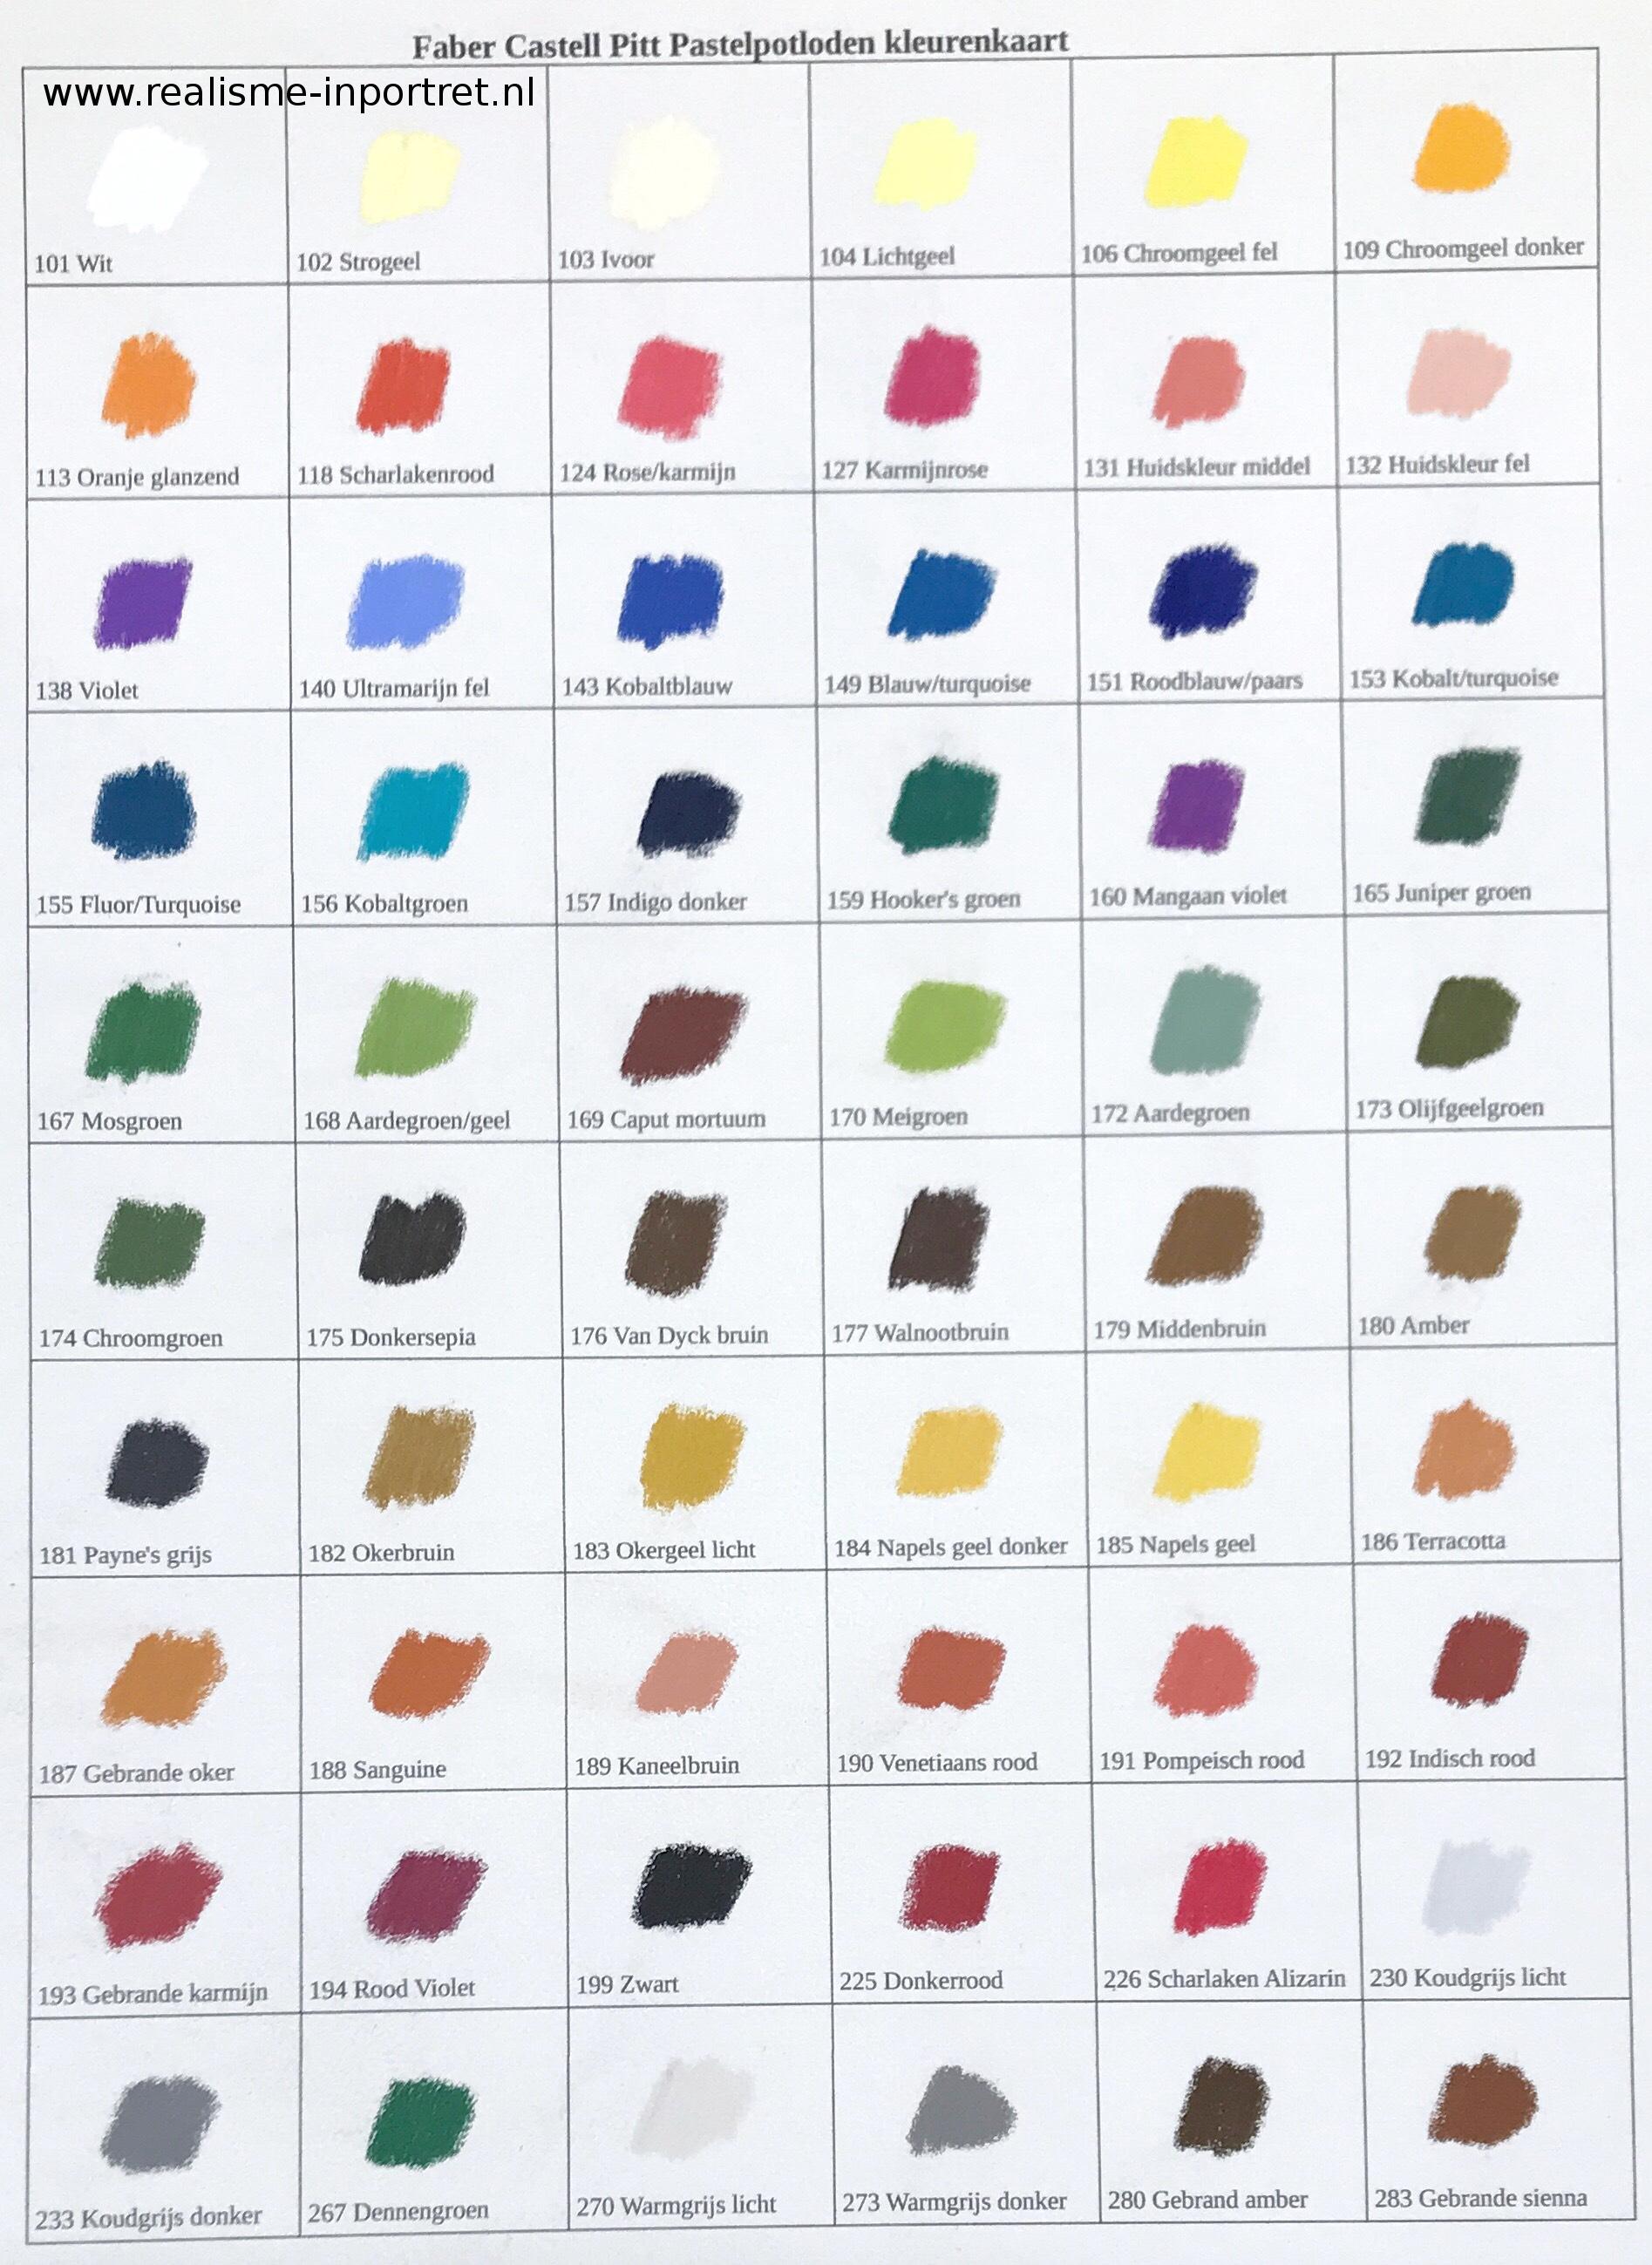 Faber Castell kleurenkaart